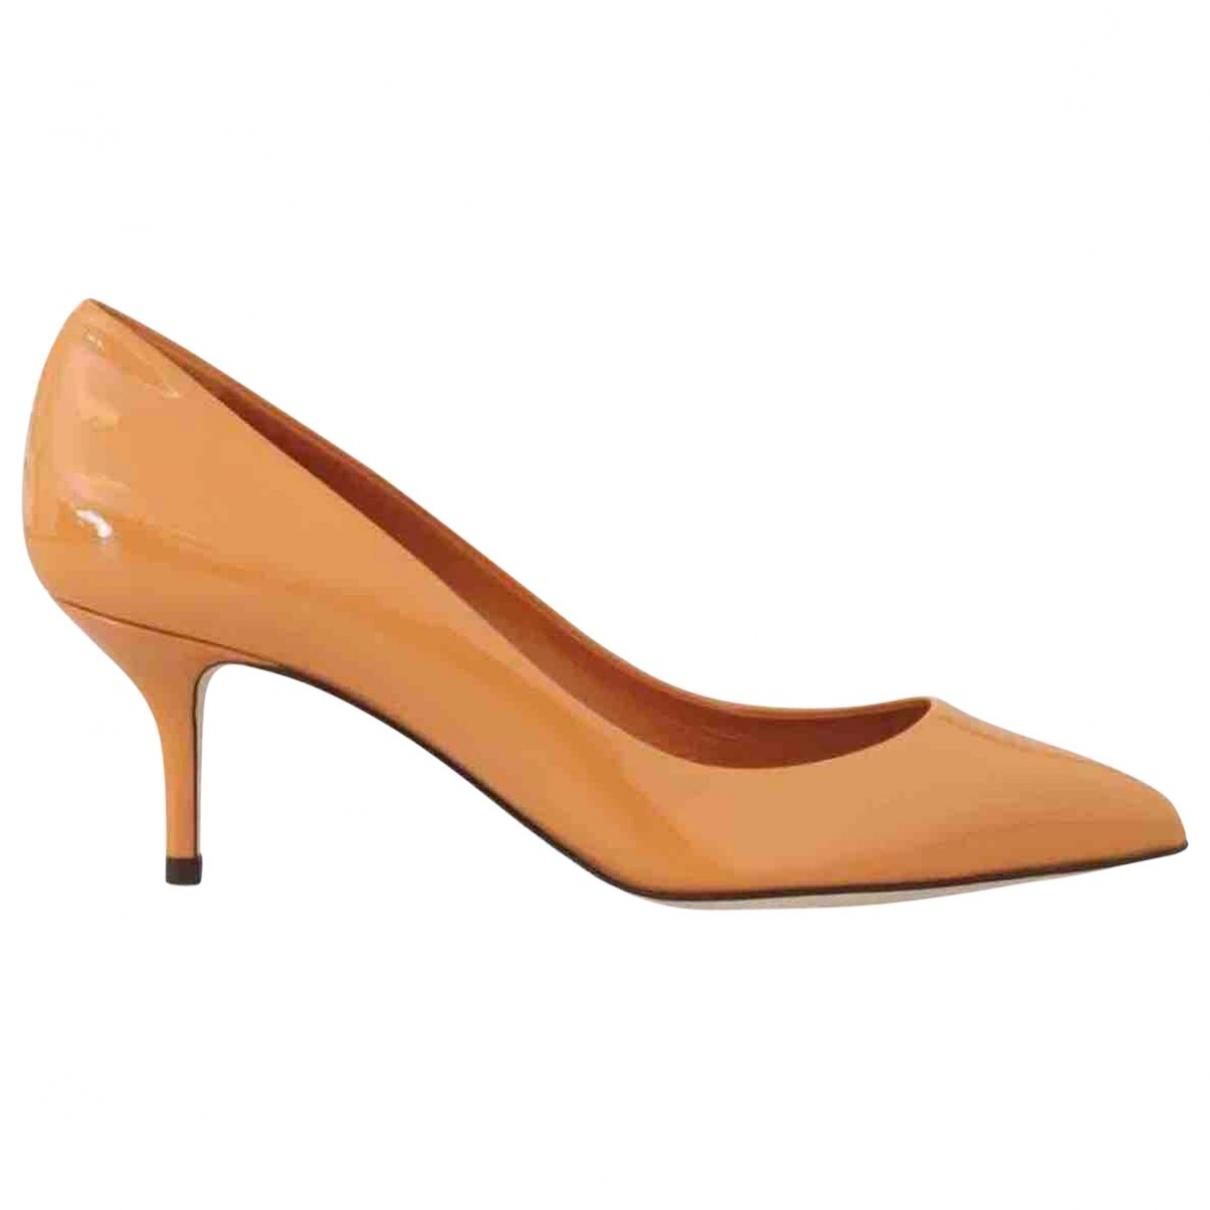 Dolce & Gabbana - Escarpins   pour femme en cuir verni - orange